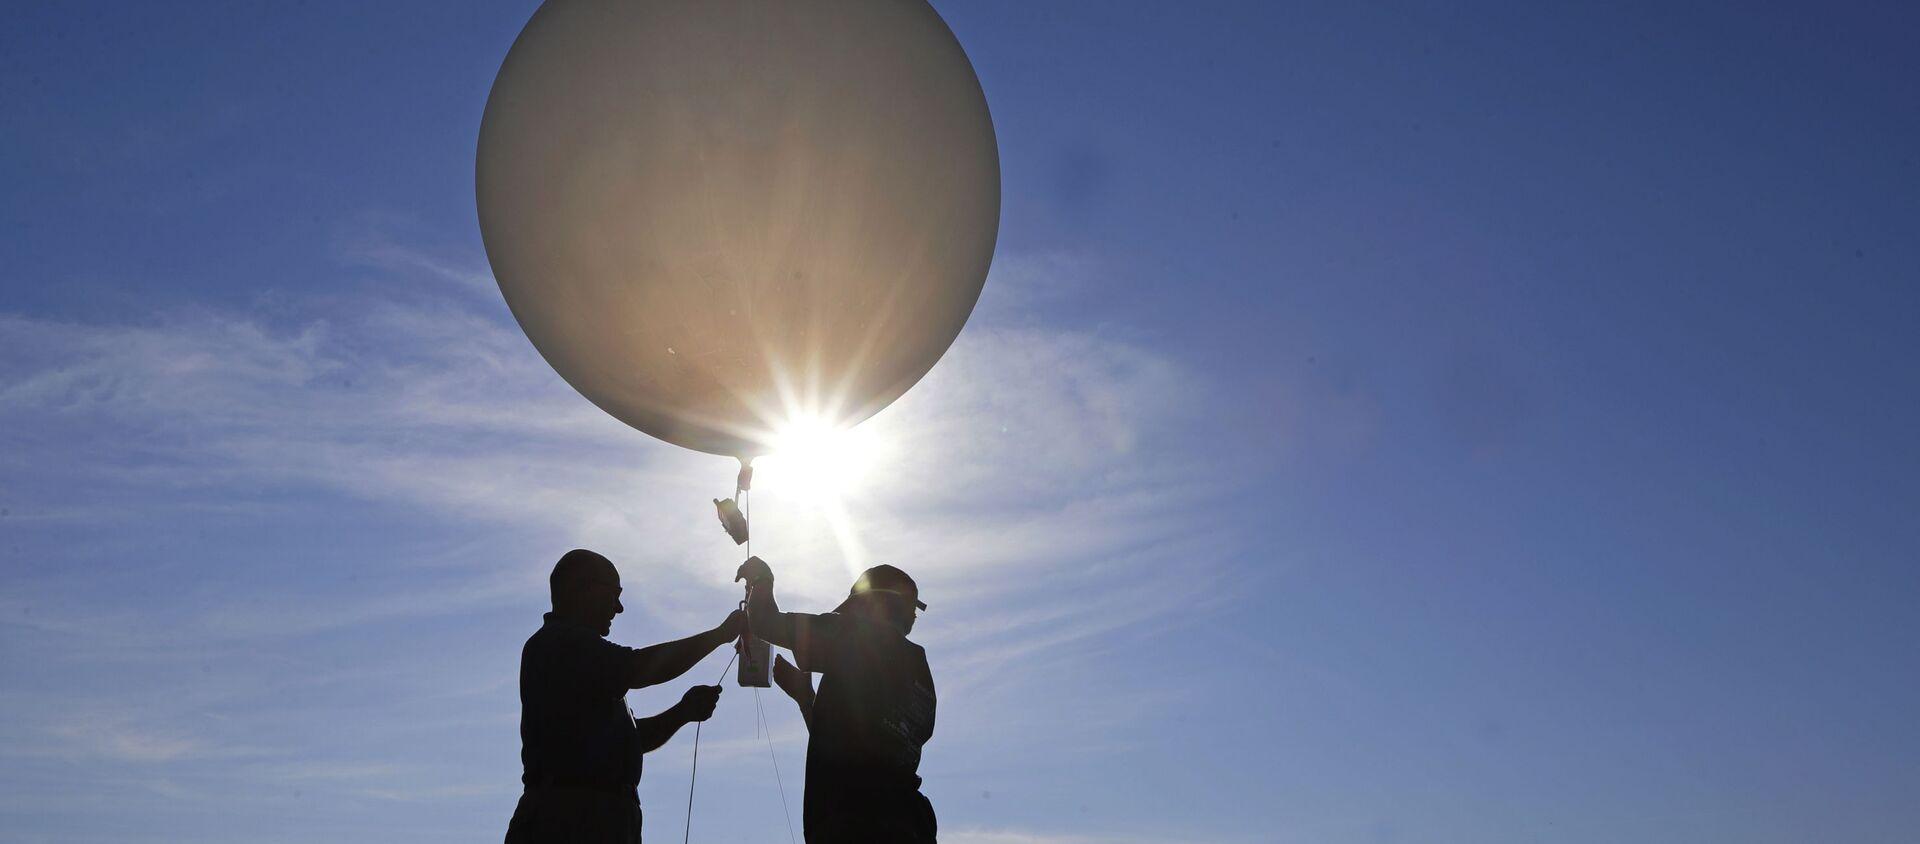 Unas personas lanzan un globo meteorológico (imagen referencial) - Sputnik Mundo, 1920, 05.02.2021